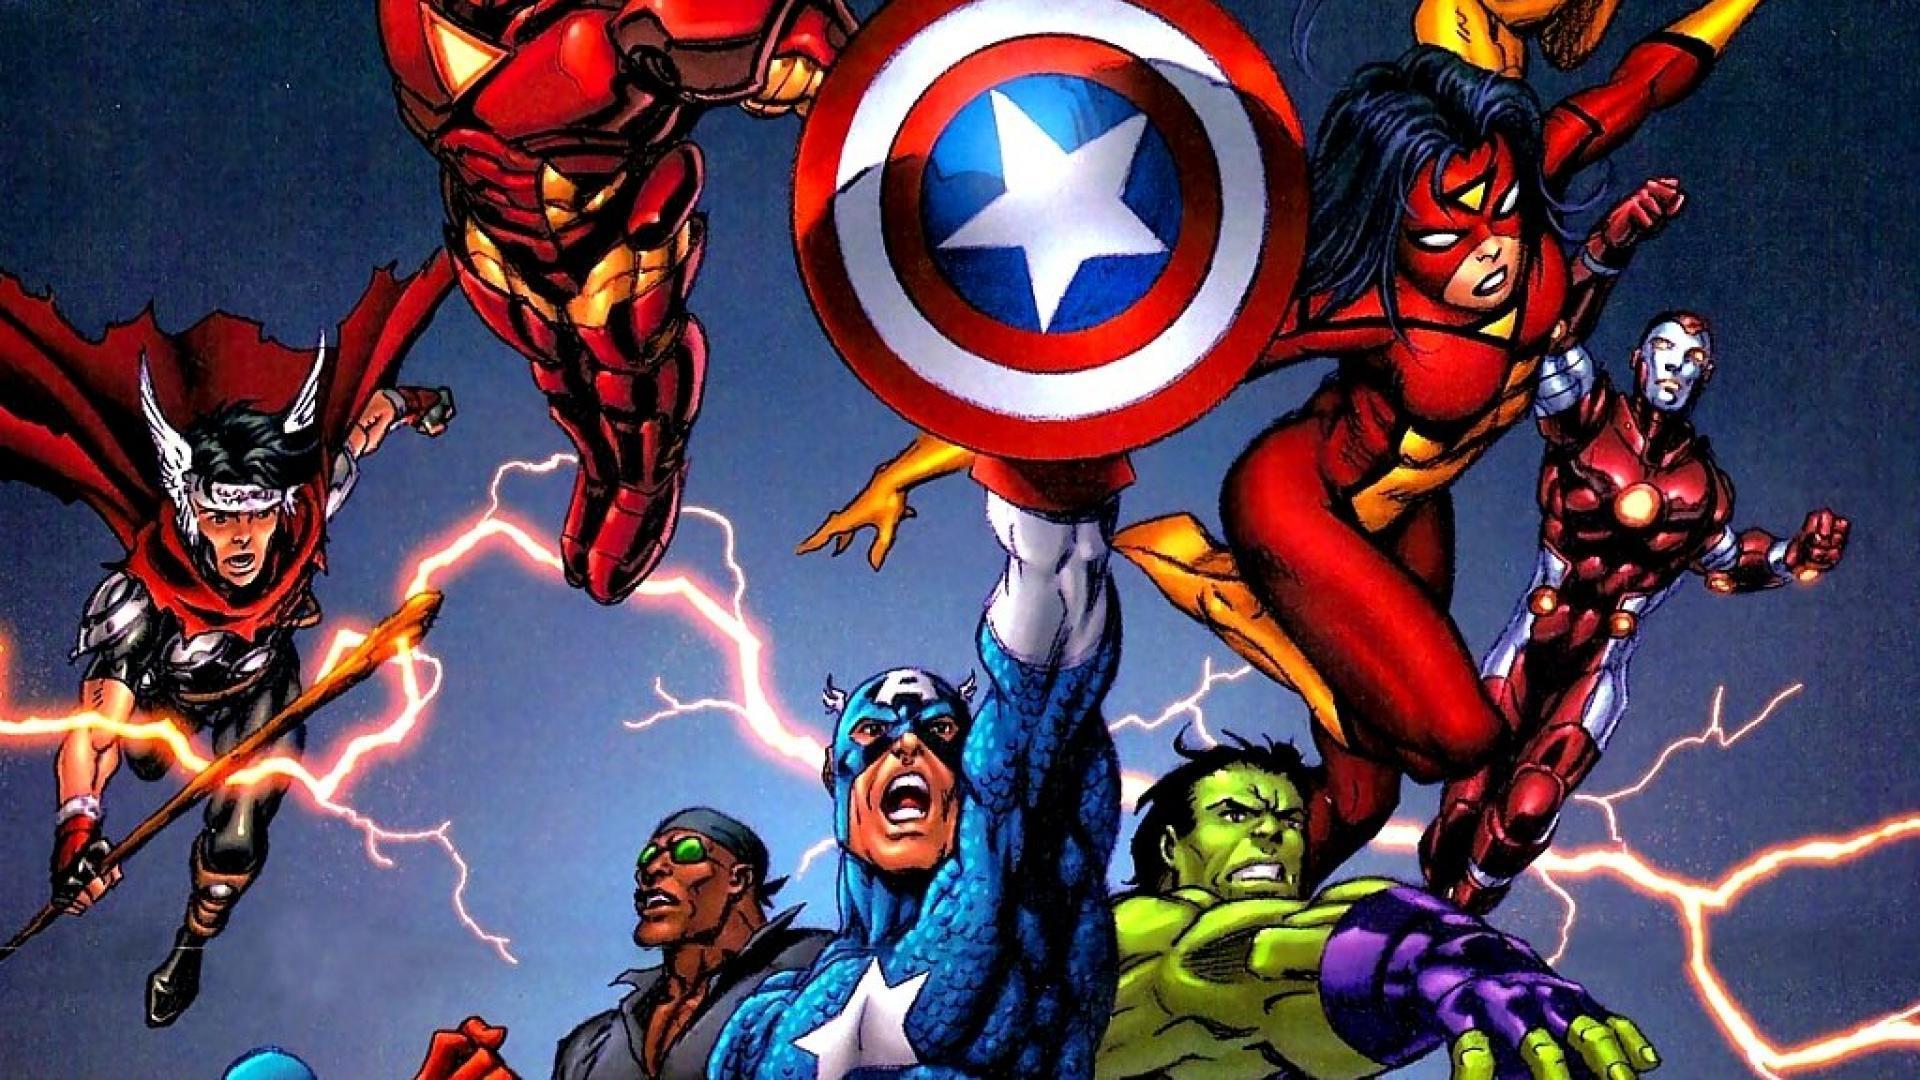 Avengers cartoon wallpapers wallpaper cave - Wallpaper avengers 3d ...